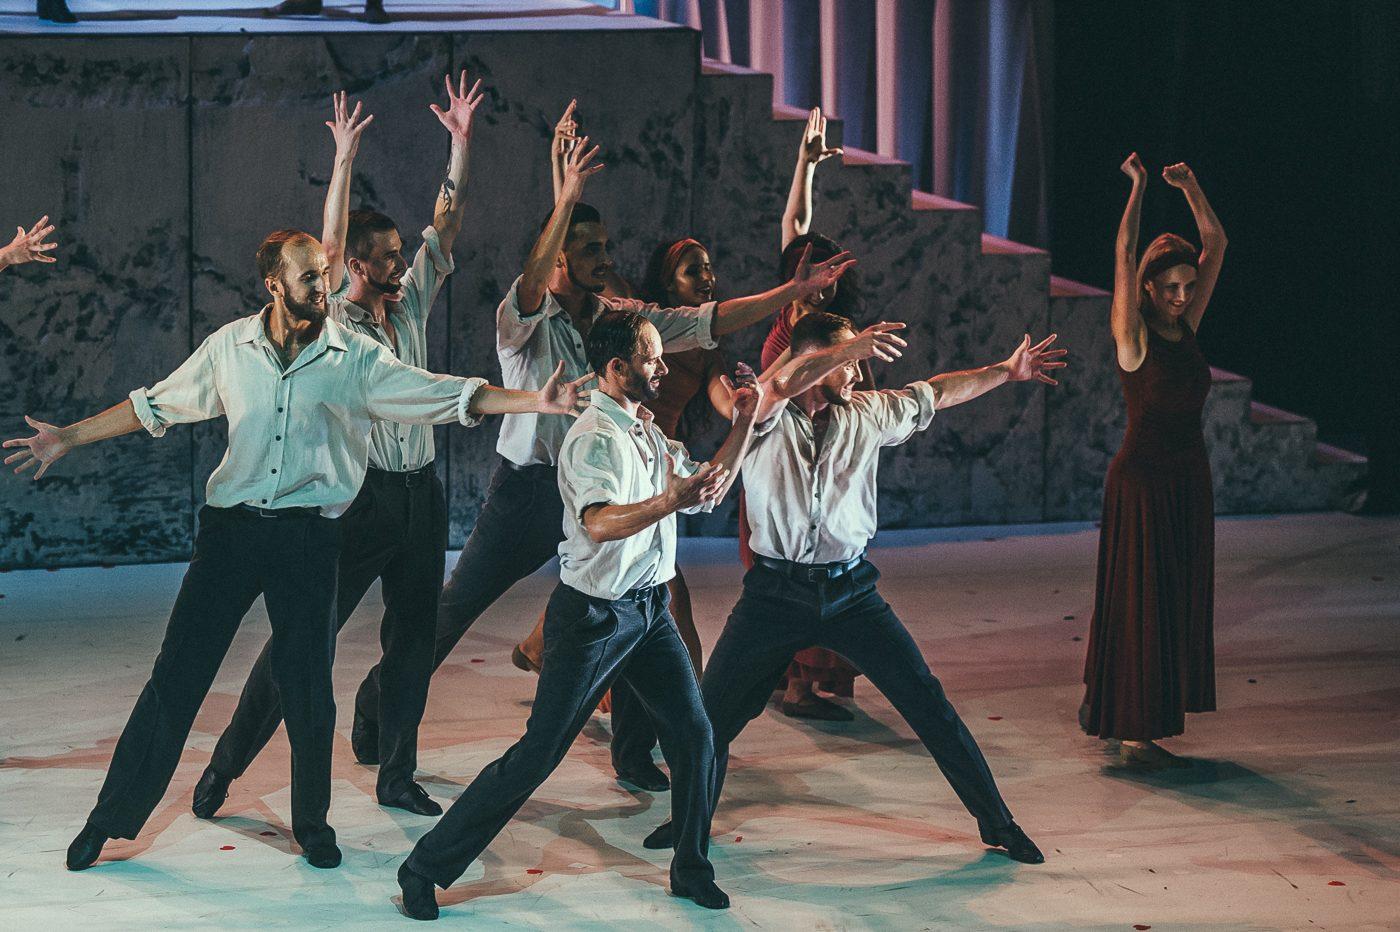 Premjera Zorba Muzikinis Teatras E.sabaliauskaite 063